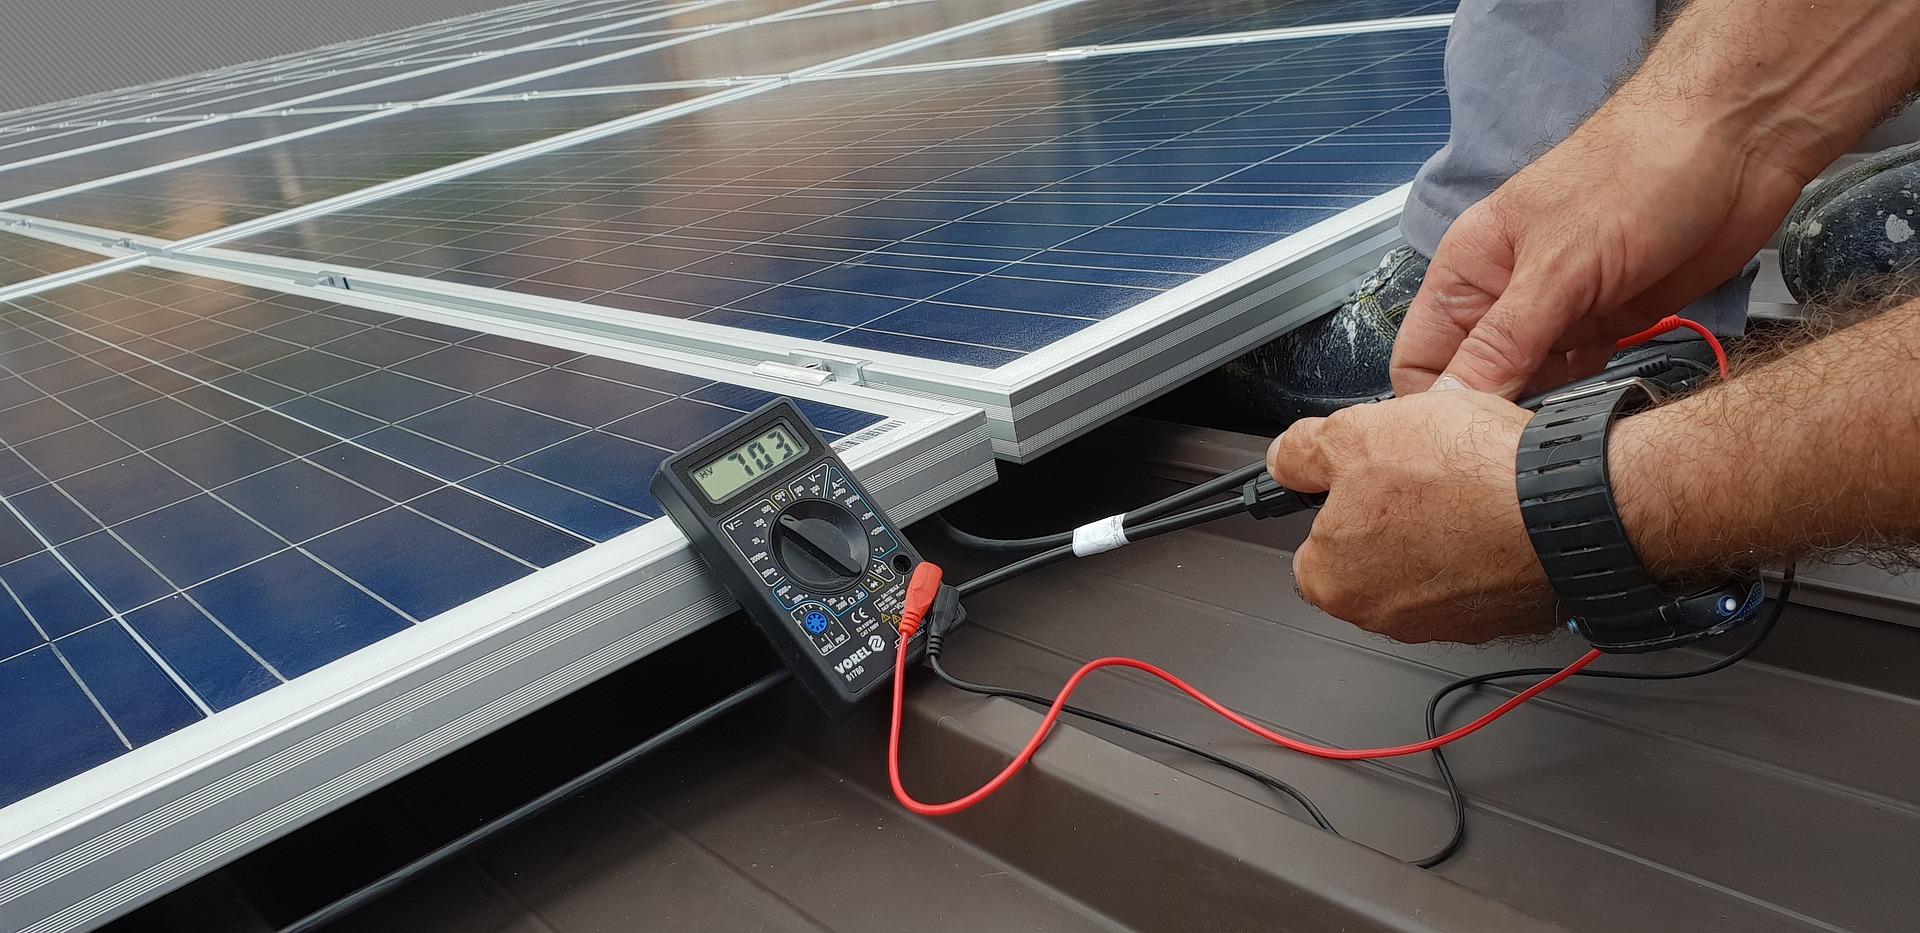 Проверка напряжения солнечных панелей